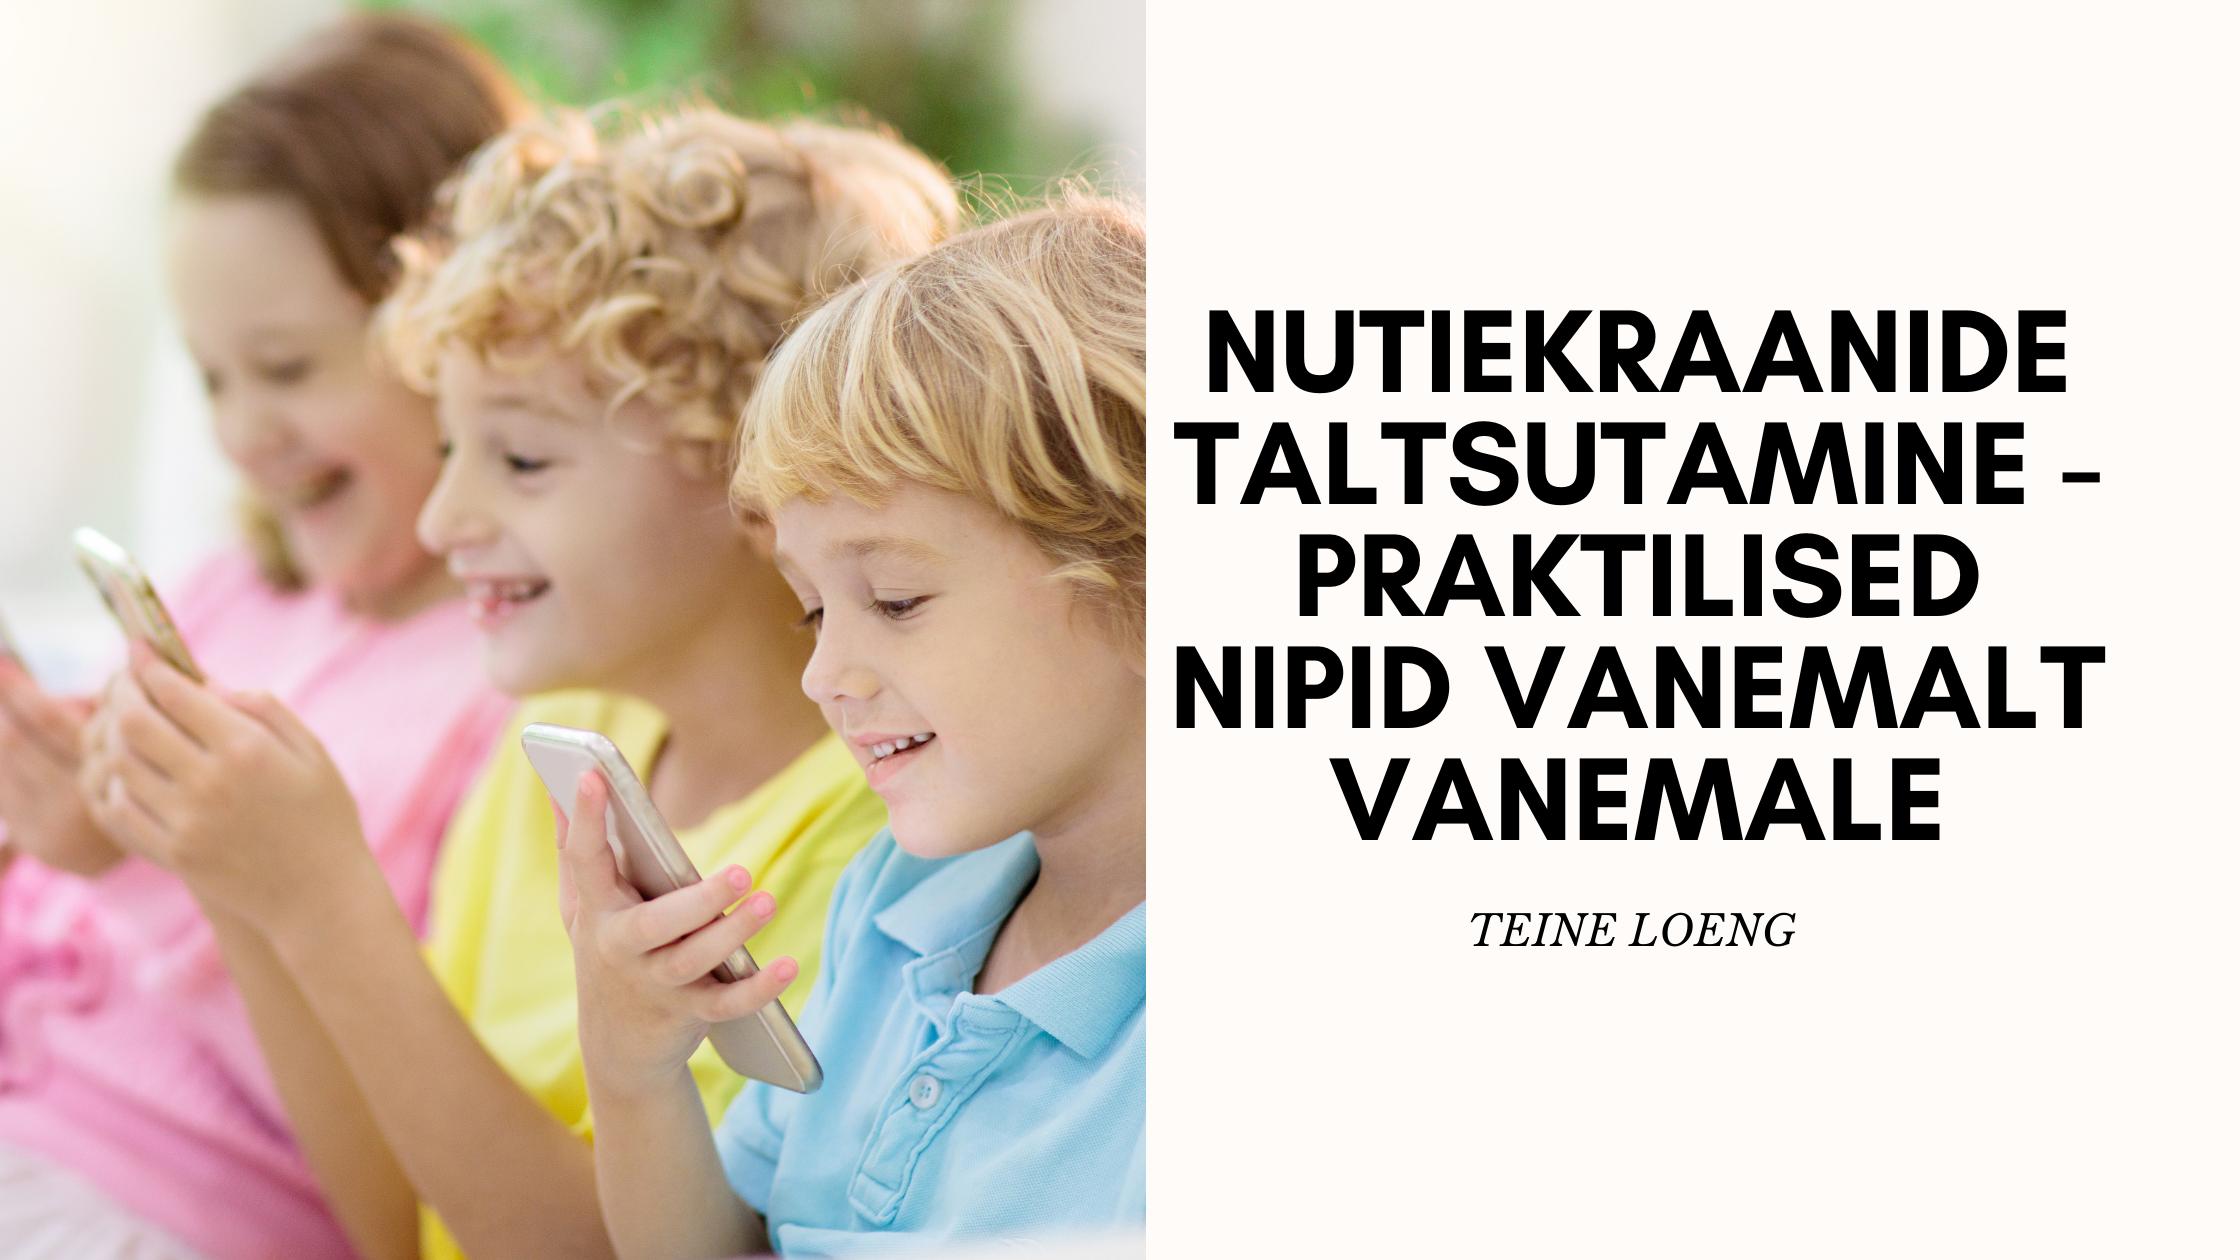 Nutiekraanide taltsutamine - praktilised nipid vanemalt vanemale